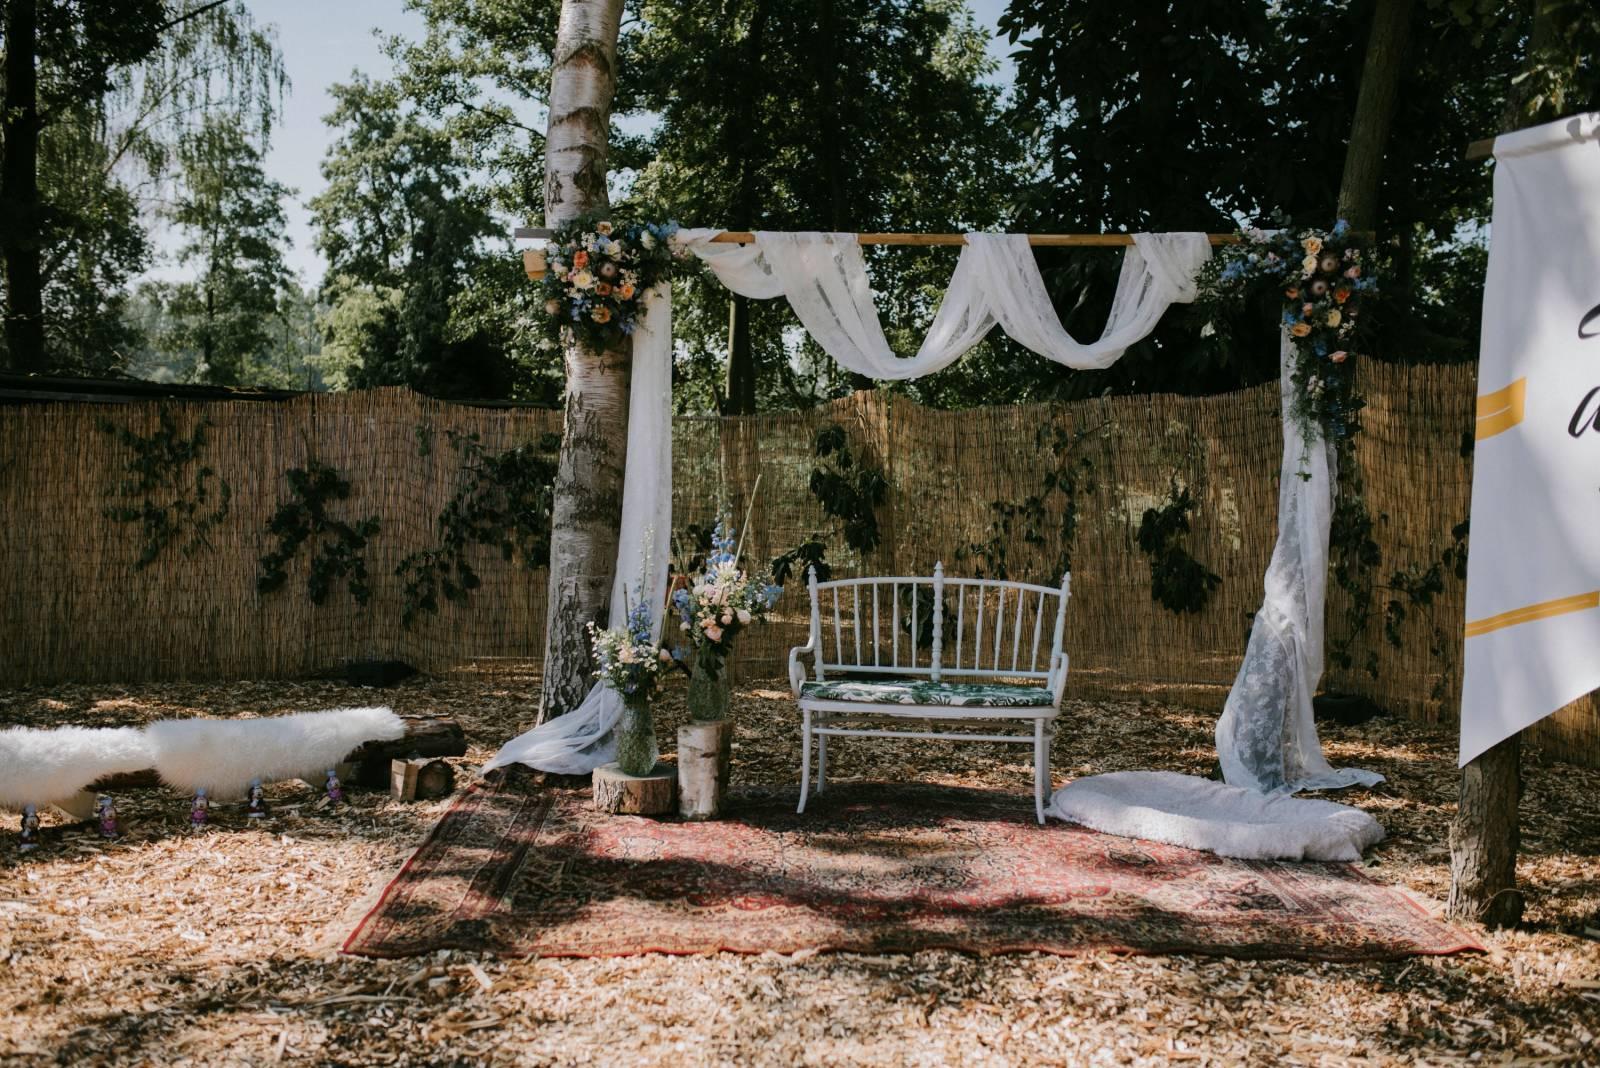 Florenza by Sylvie Van Gastel - Bloemen - Bruidsboeket - House of Weddings - 9